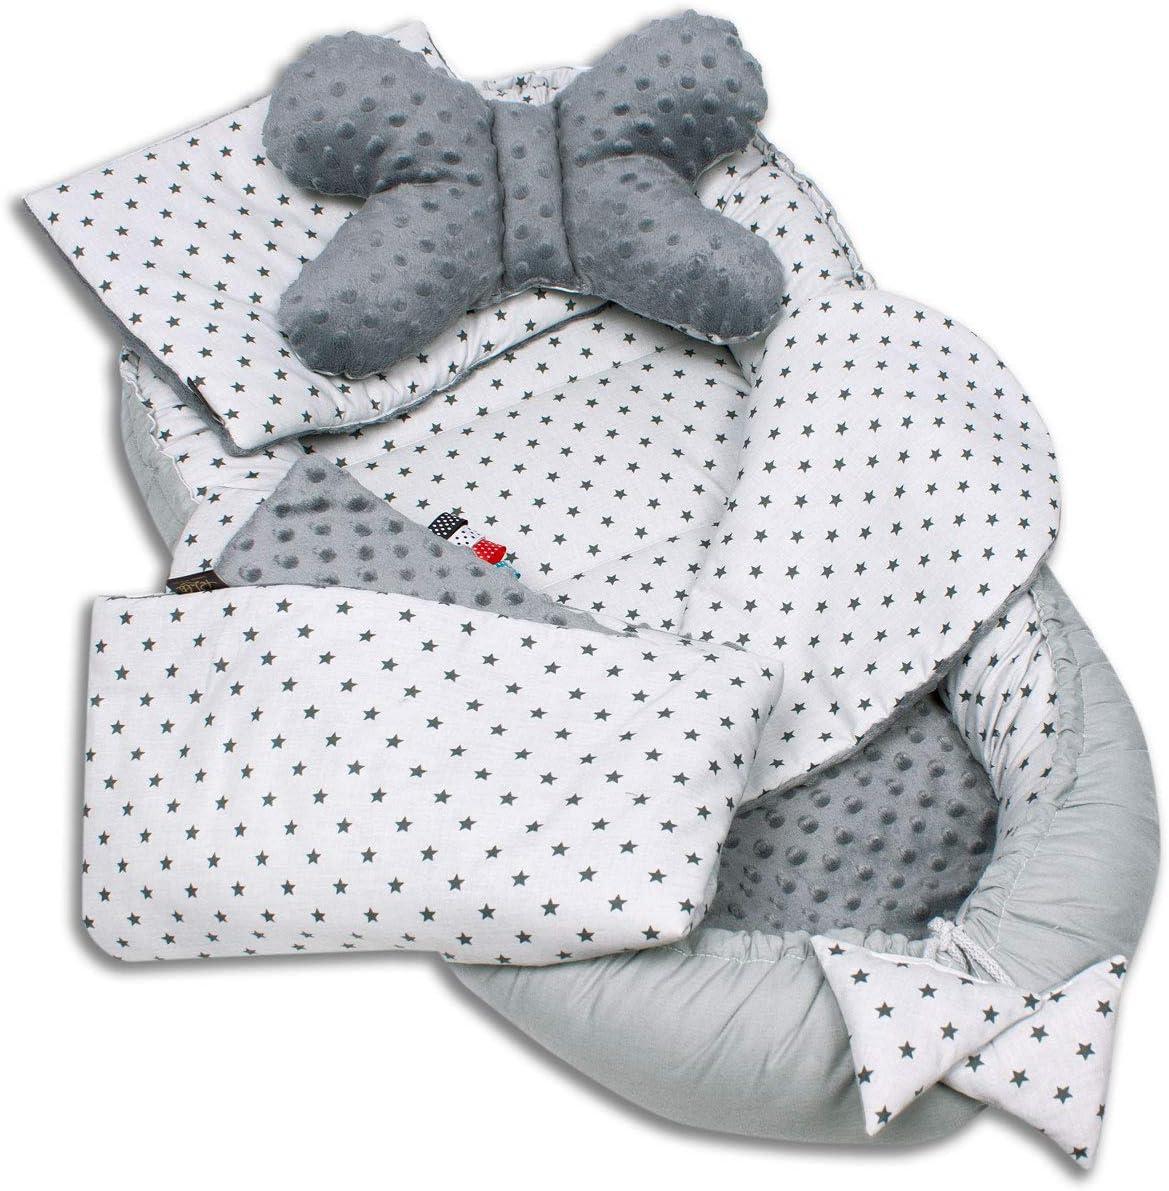 Palulli Babynestchen, 5-teiliges Set, hohe Qualität, 90x50cm, mit Kuscheldecke, Kissen und herausnehmbarer Einlage, Baumwolle,...